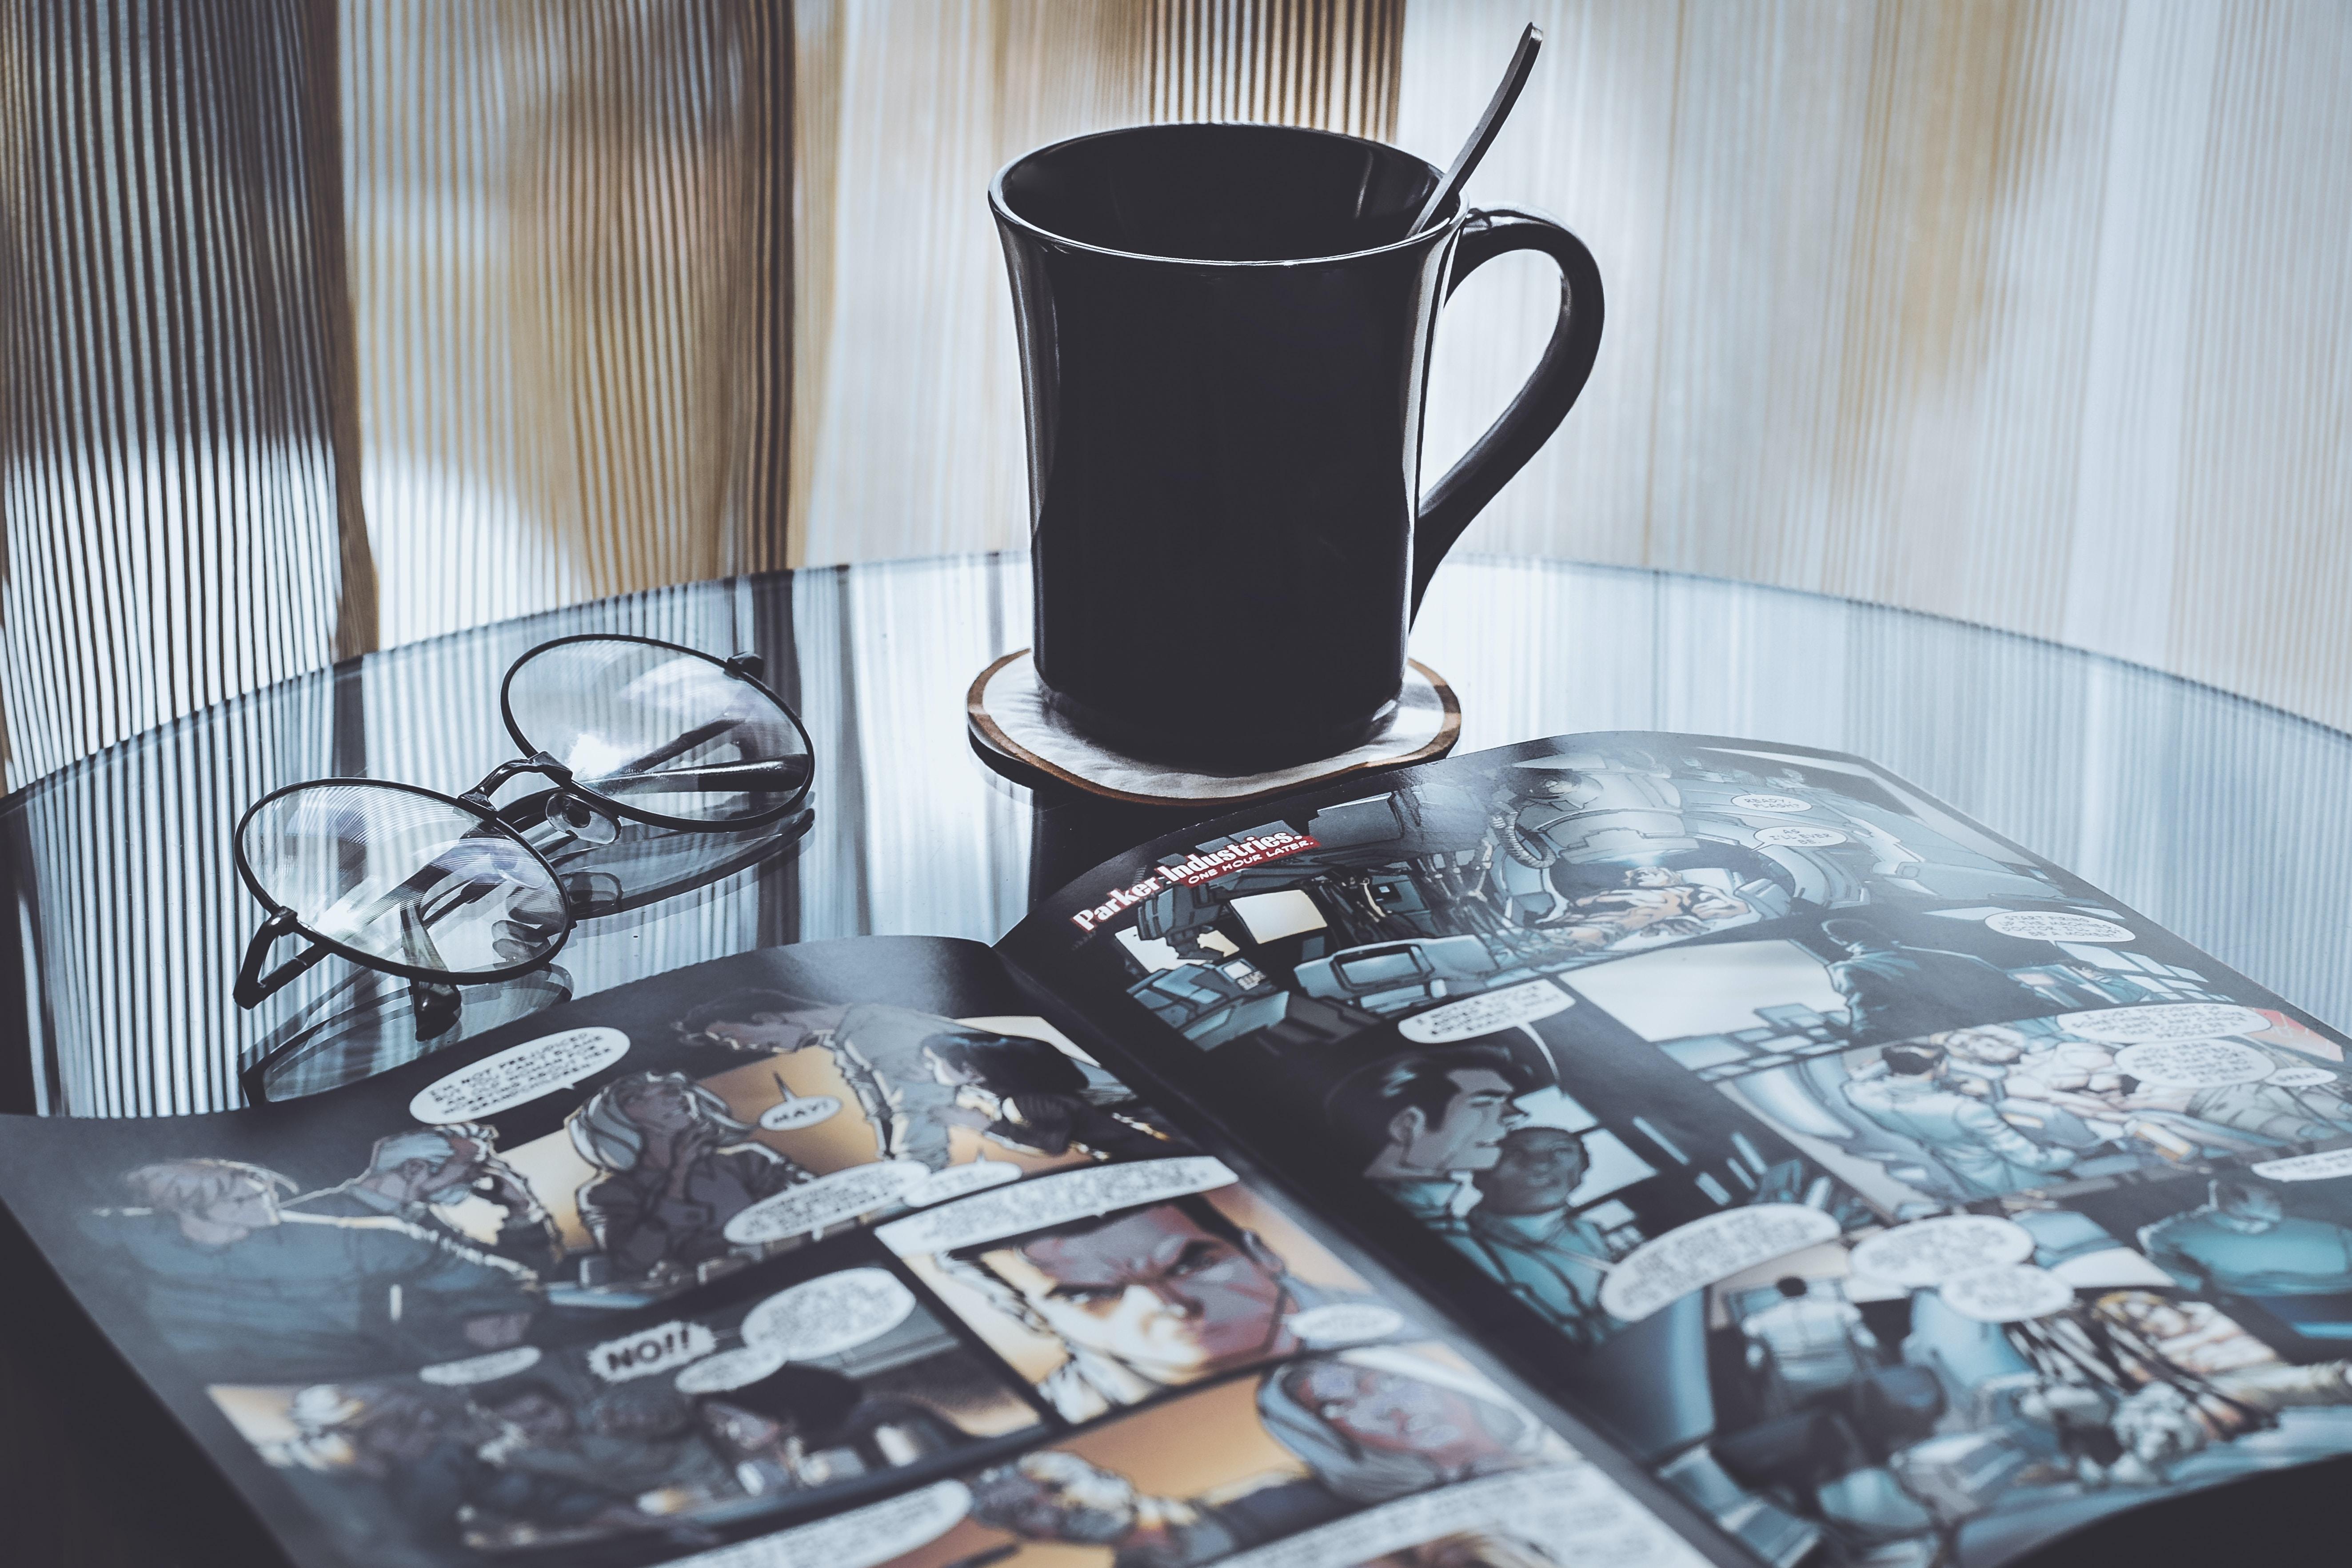 eyeglasses near mug on table